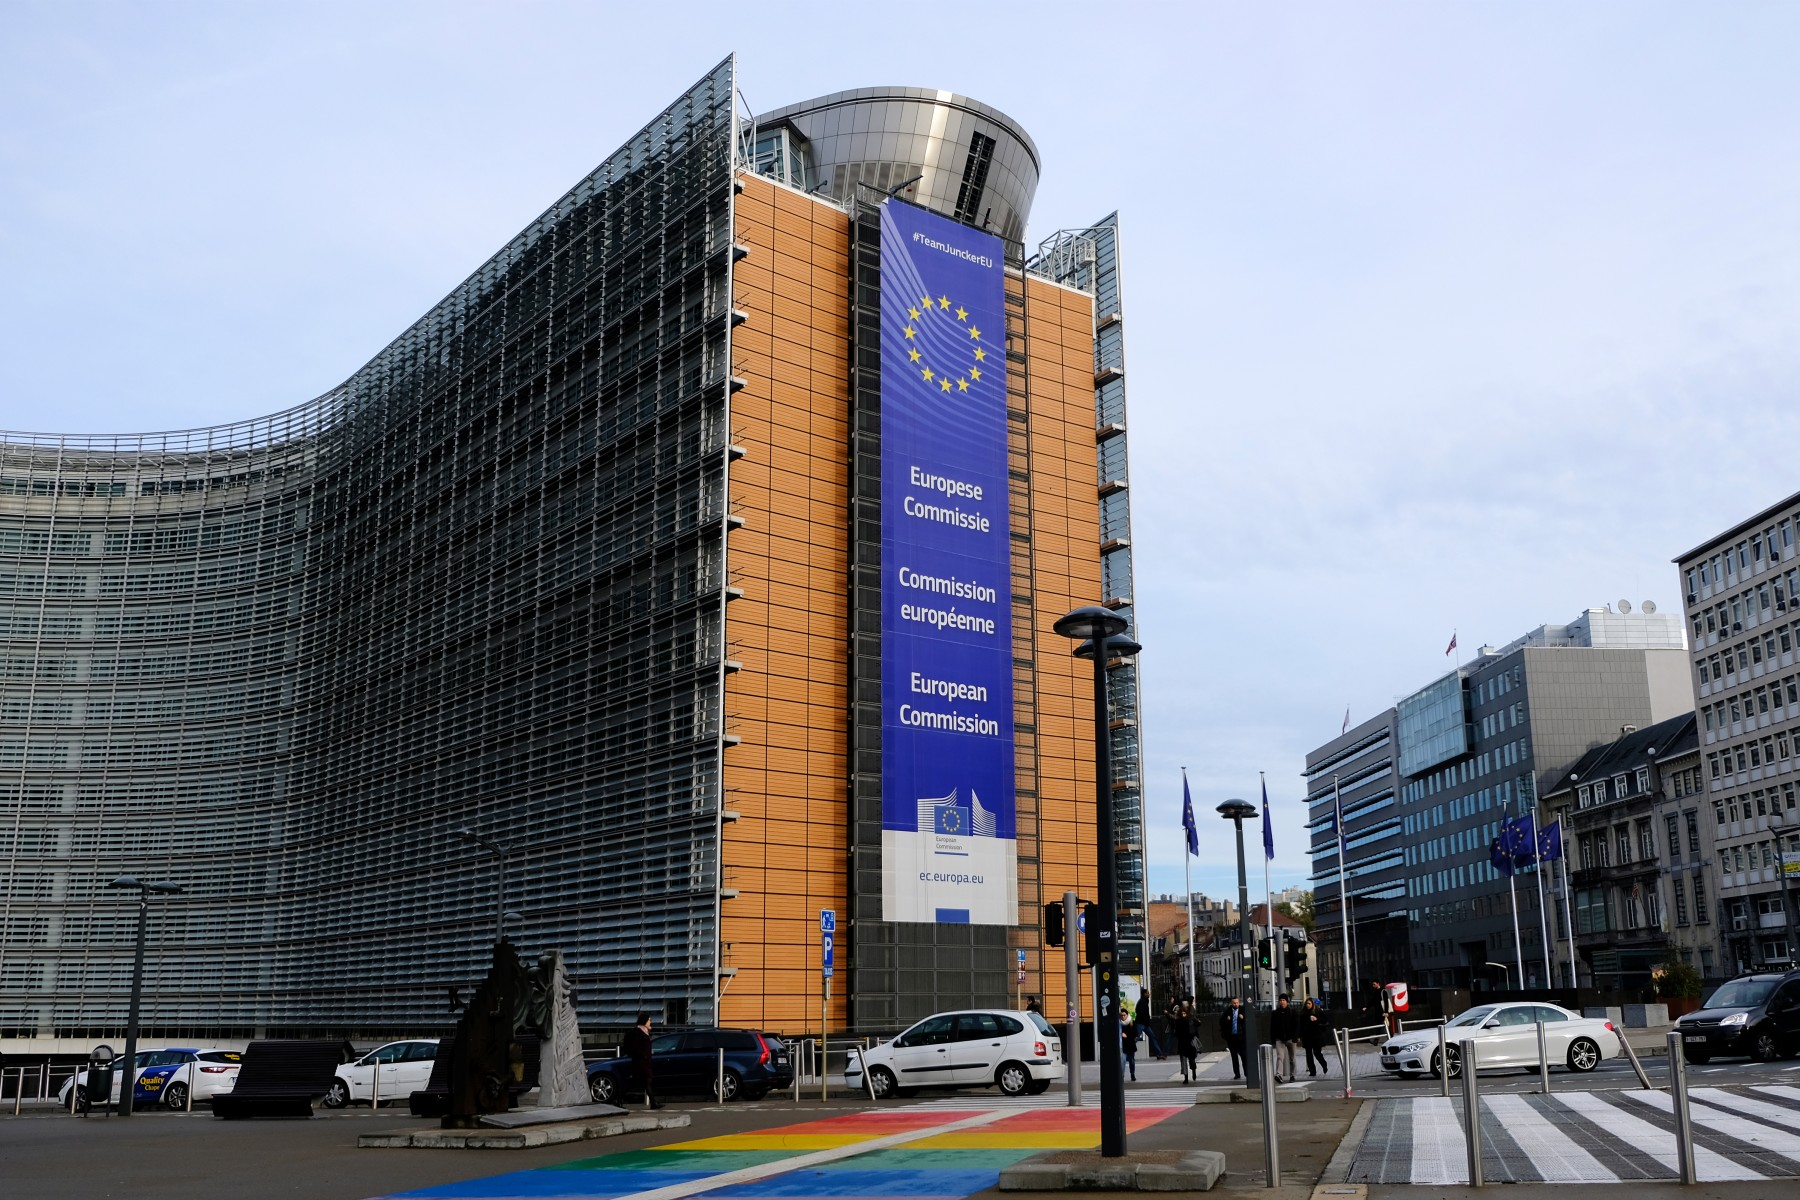 建築風格如何透露歐盟的官僚混亂?